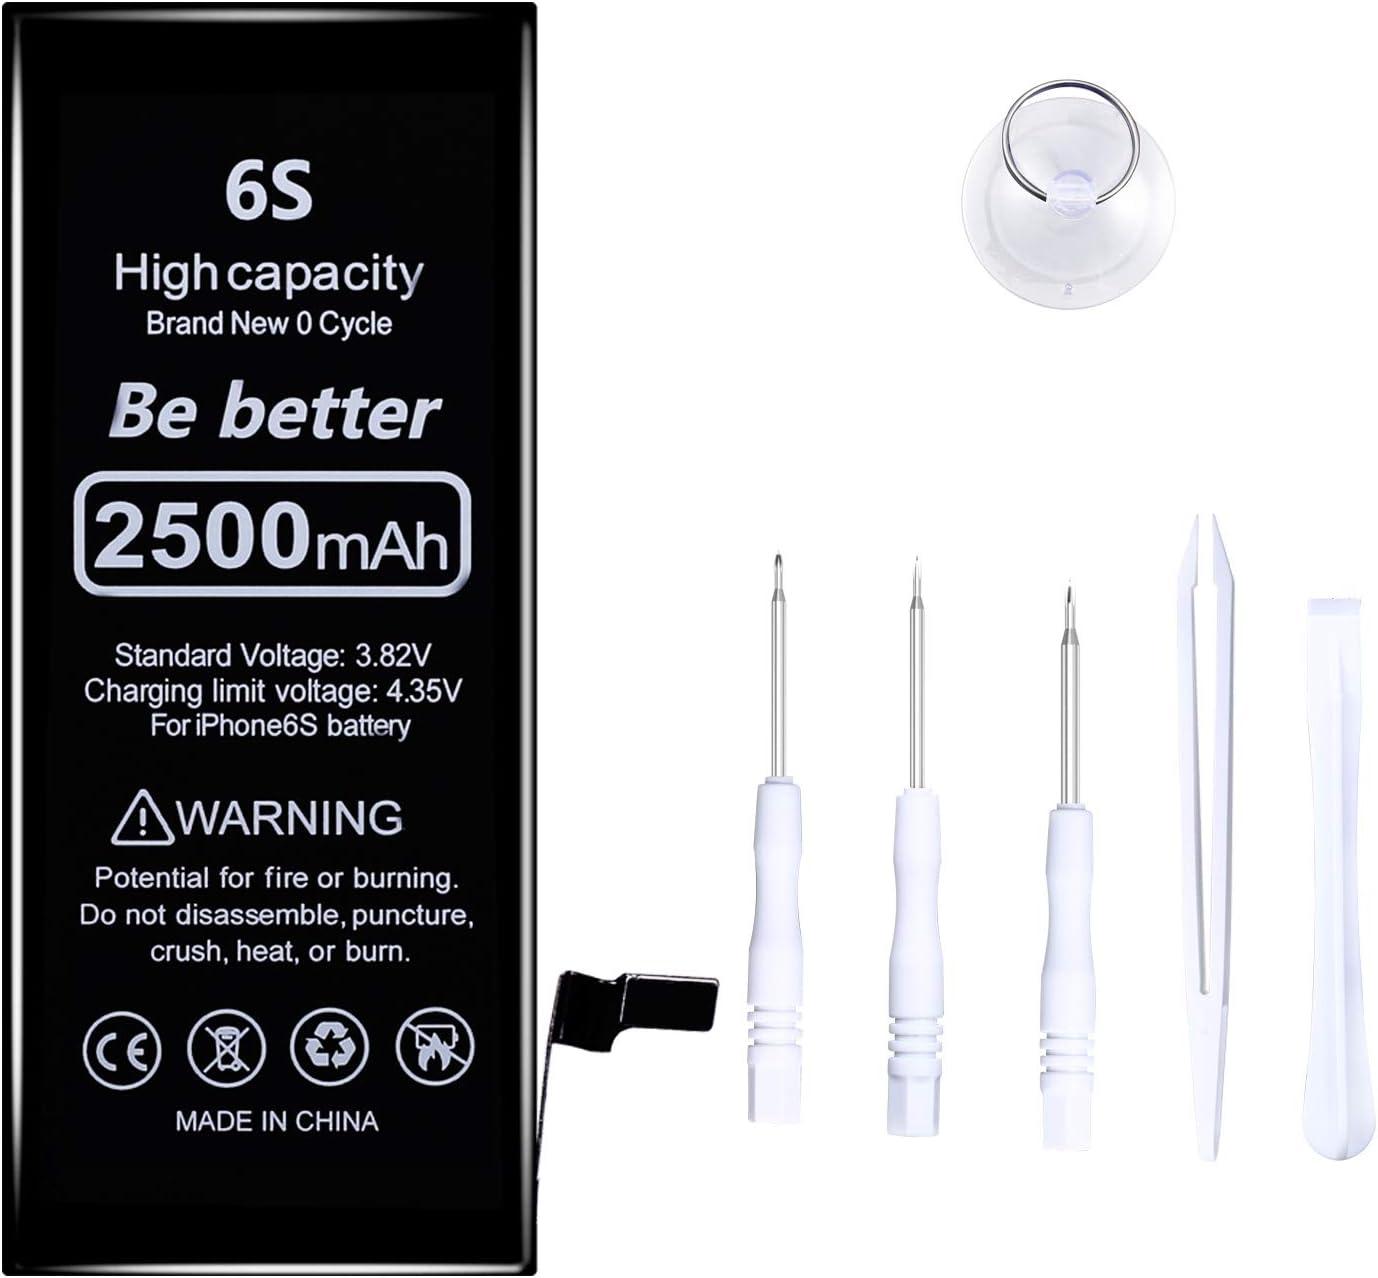 Batería de 2500 mAh compatible con el ciclo del iPhone 6s